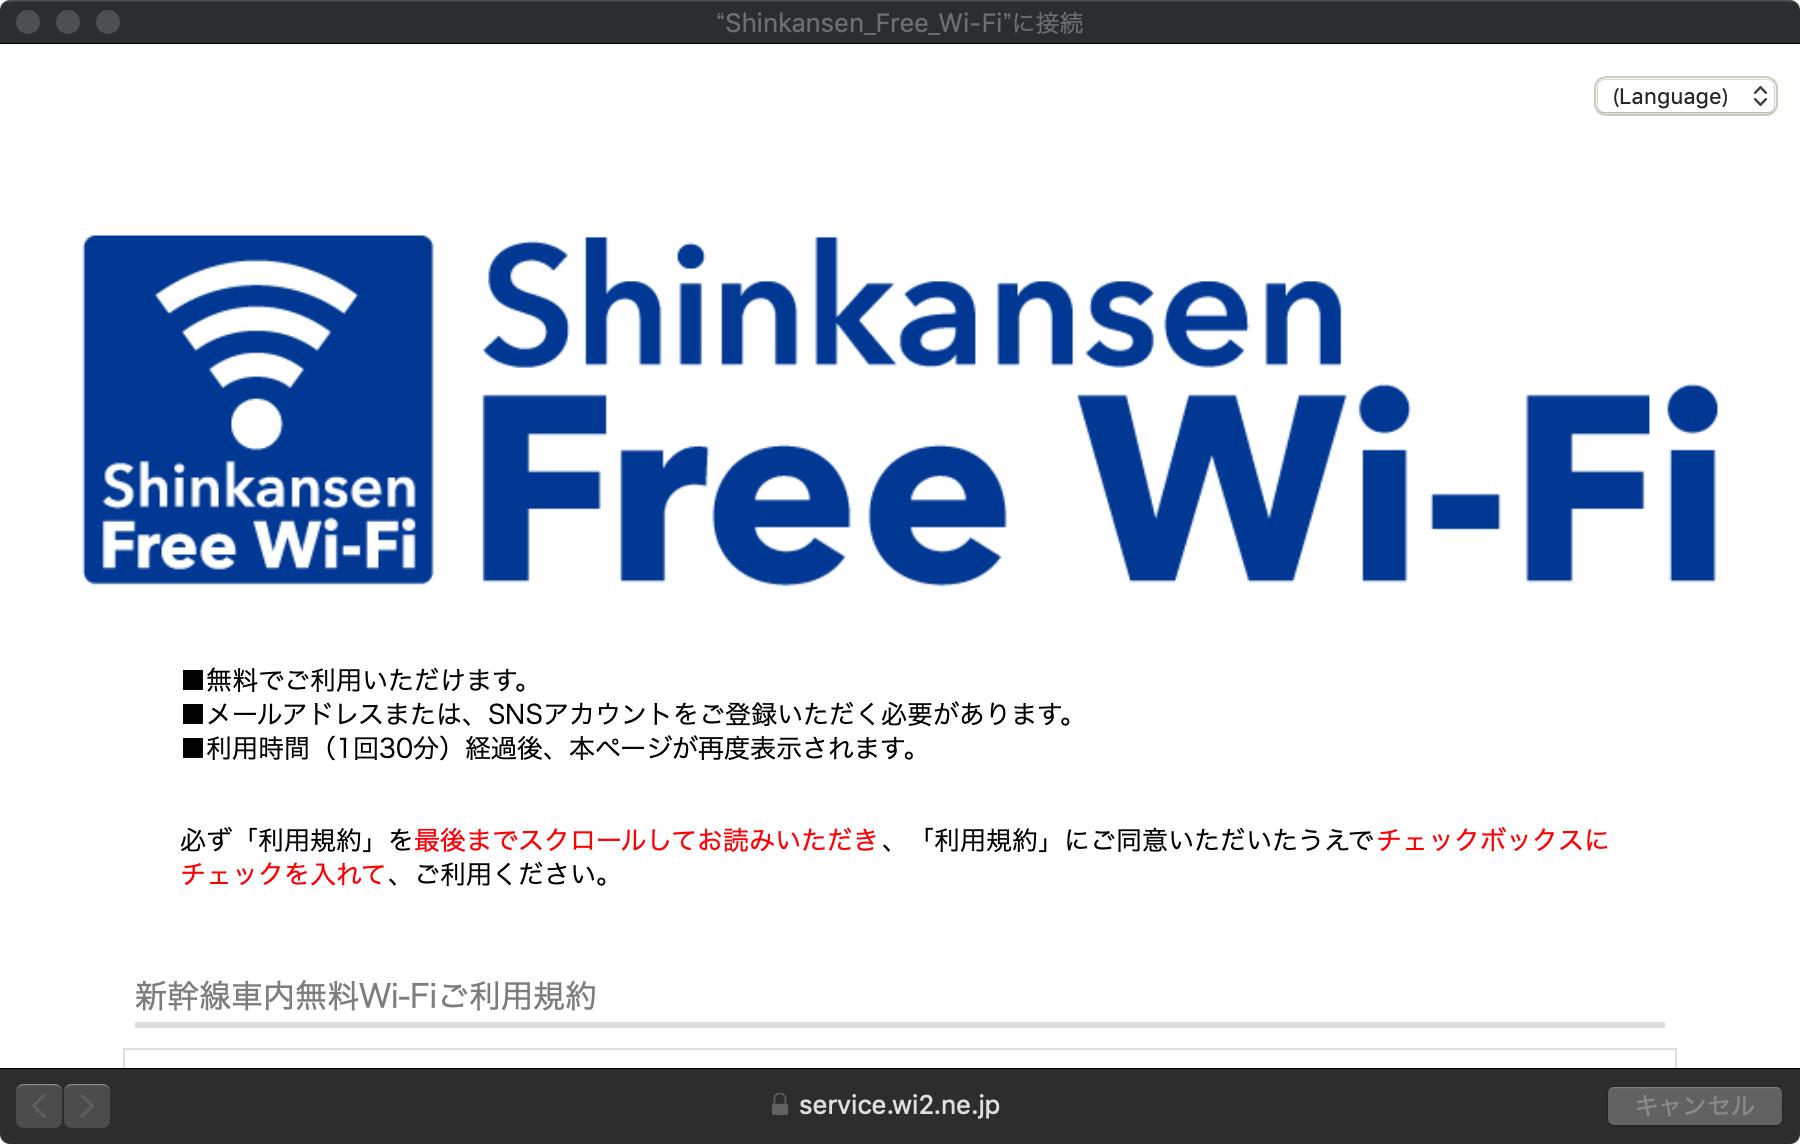 Shinkansen Free Wi-Fiを使ってみよう